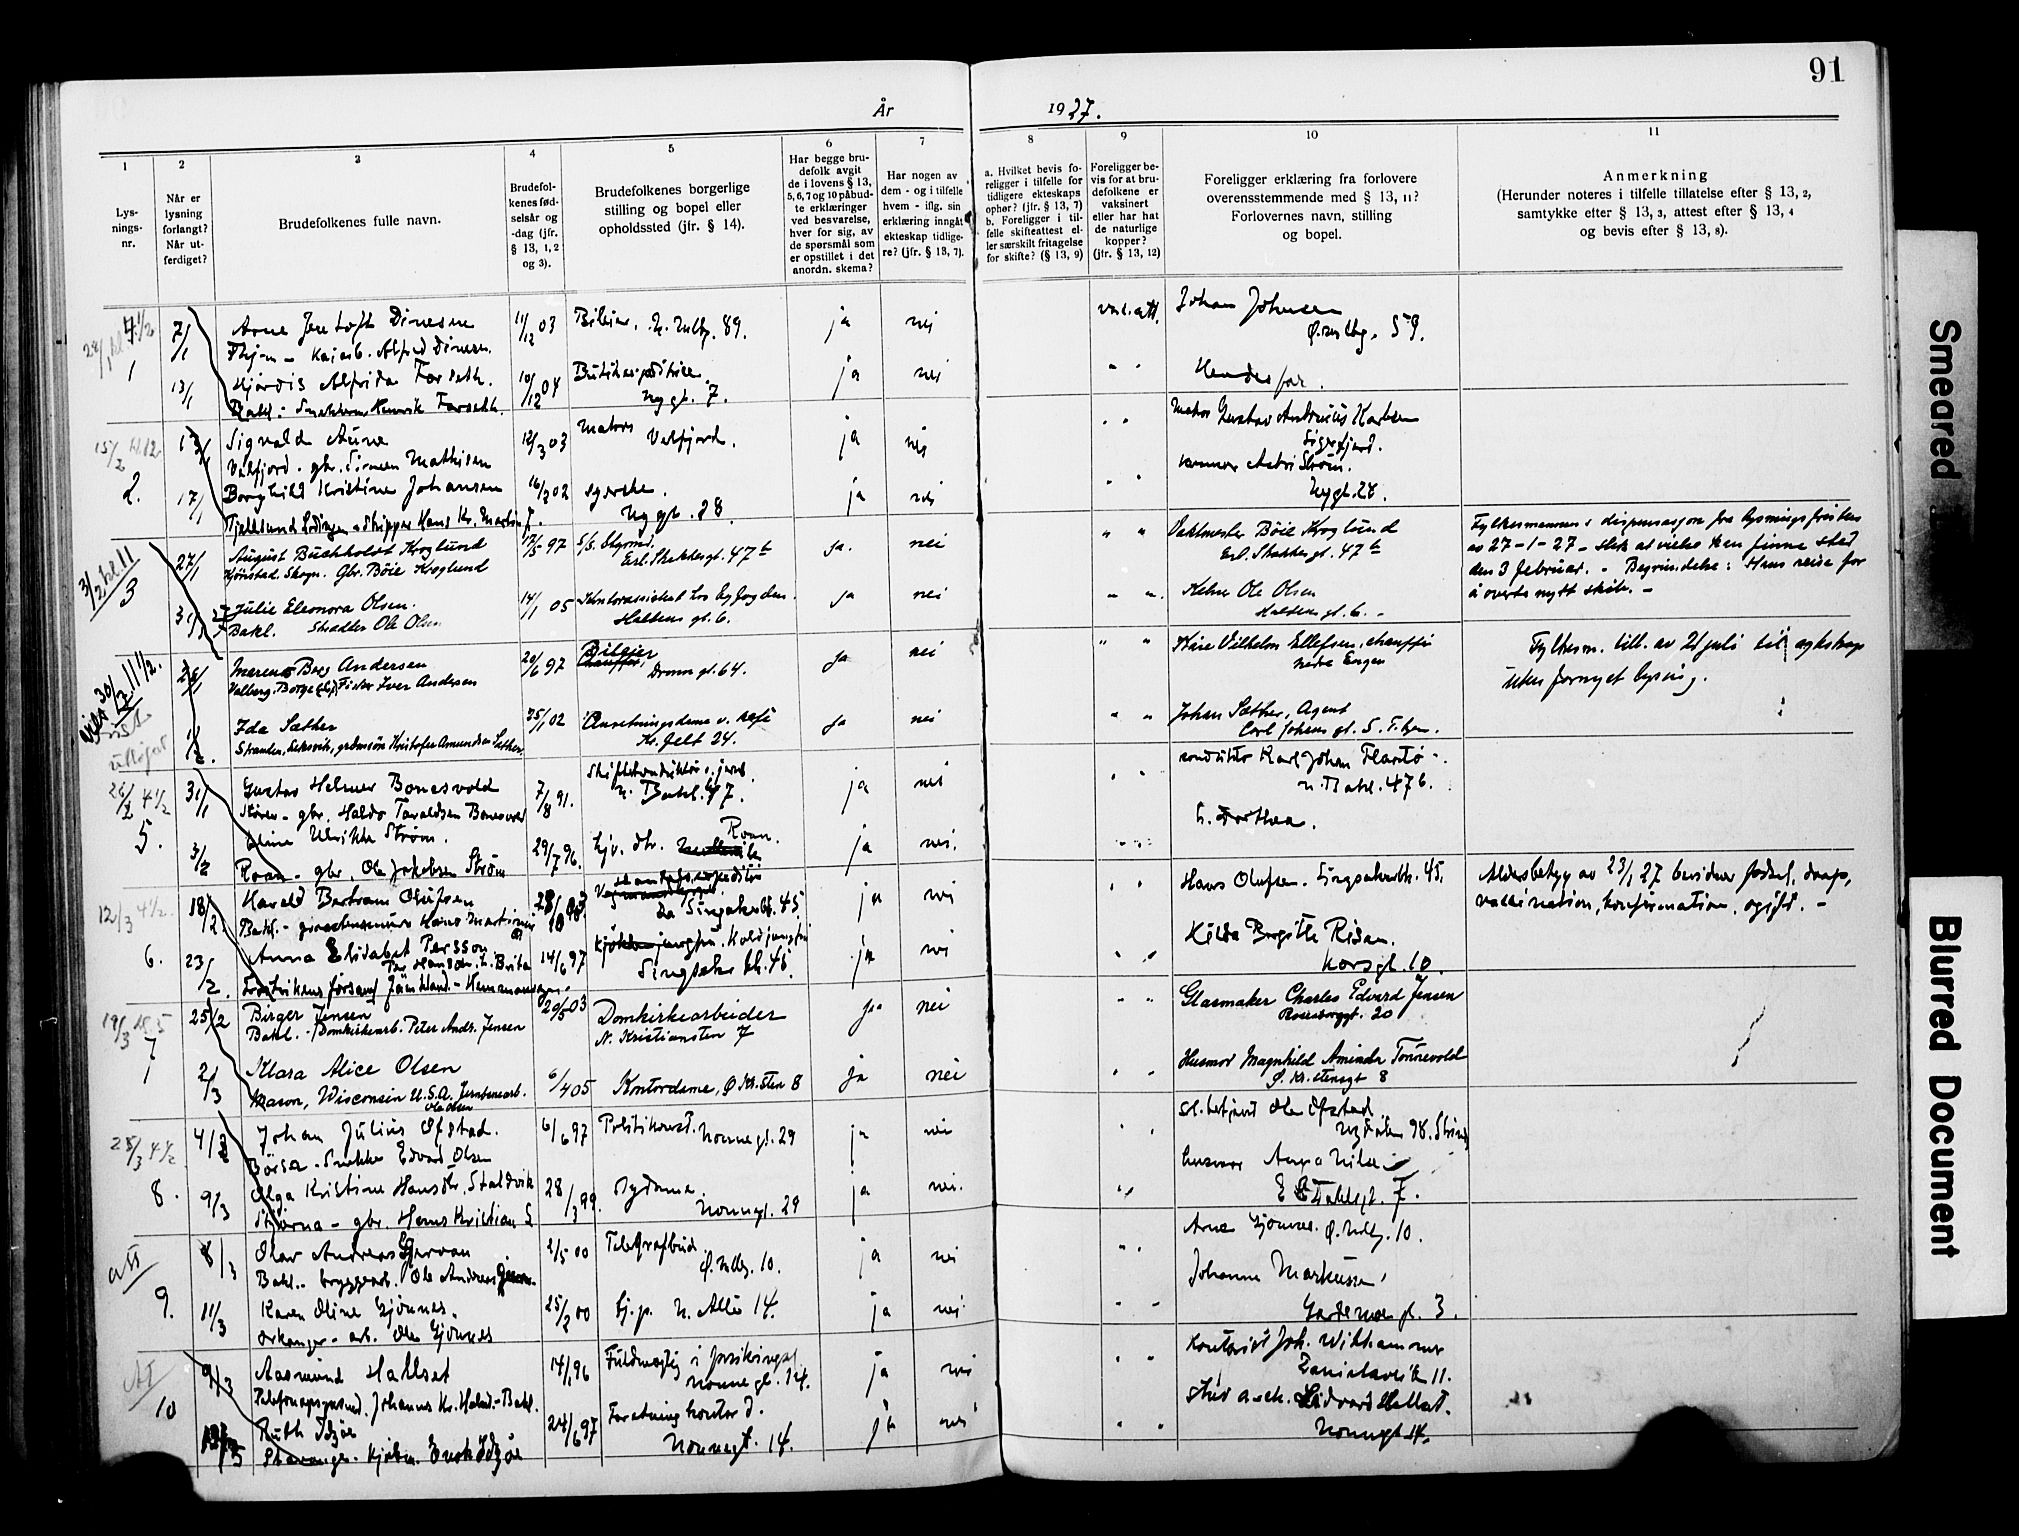 SAT, Ministerialprotokoller, klokkerbøker og fødselsregistre - Sør-Trøndelag, 604/L0196: Lysningsprotokoll nr. 604A17, 1919-1927, s. 91